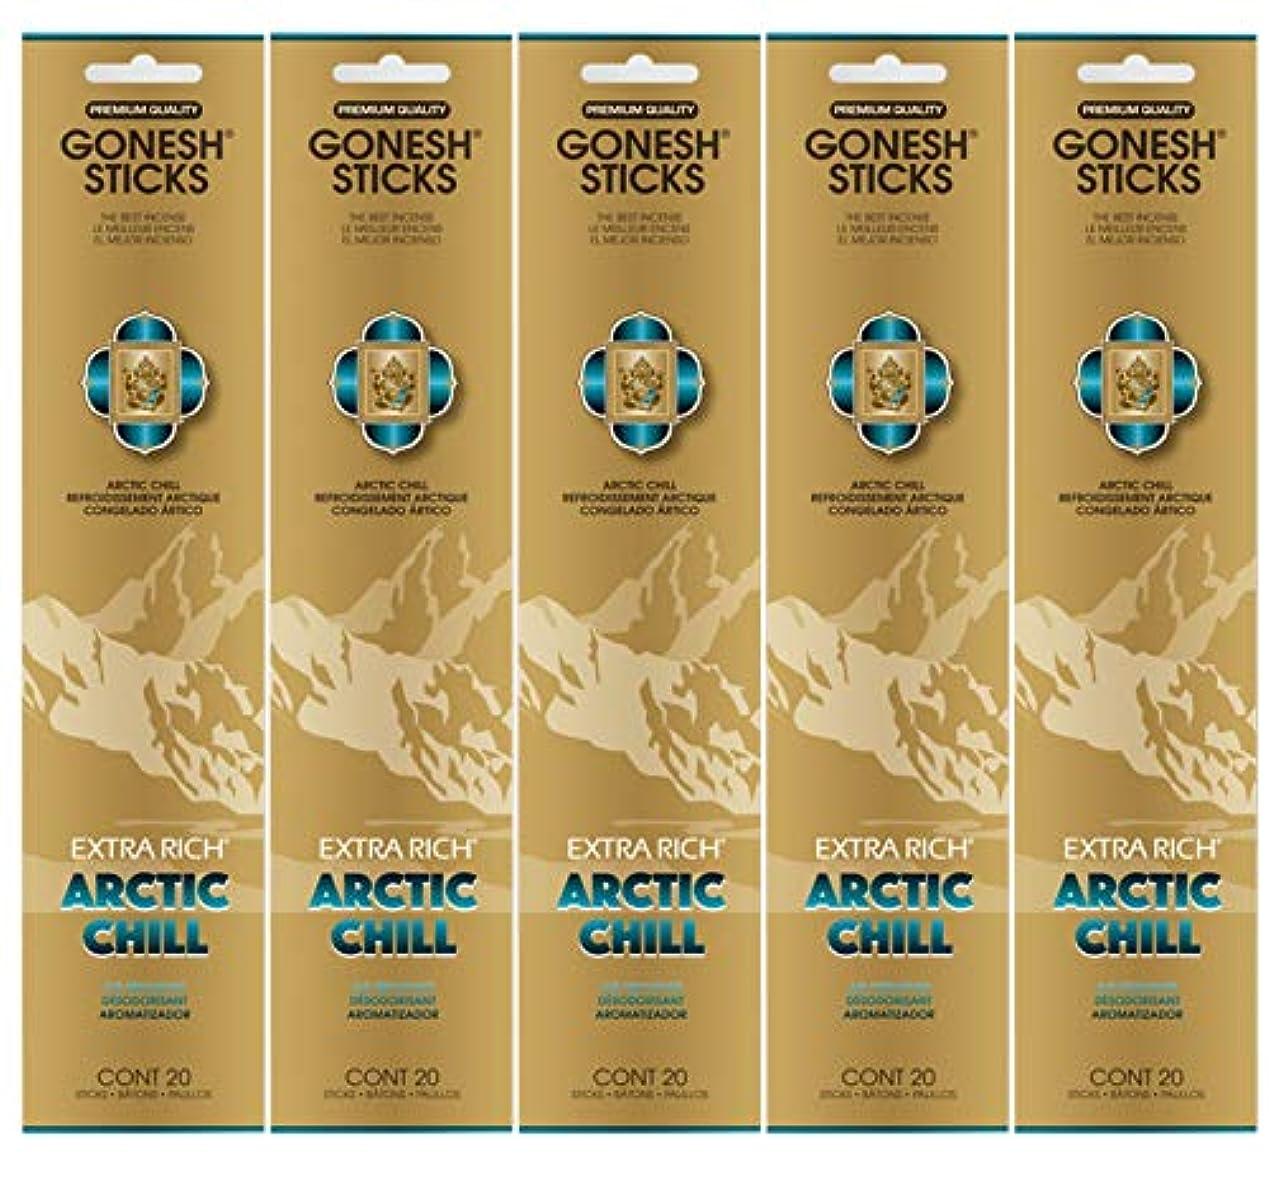 Gonesh お香スティック エクストラリッチコレクション - Arctic Chill 5パック (合計100本)